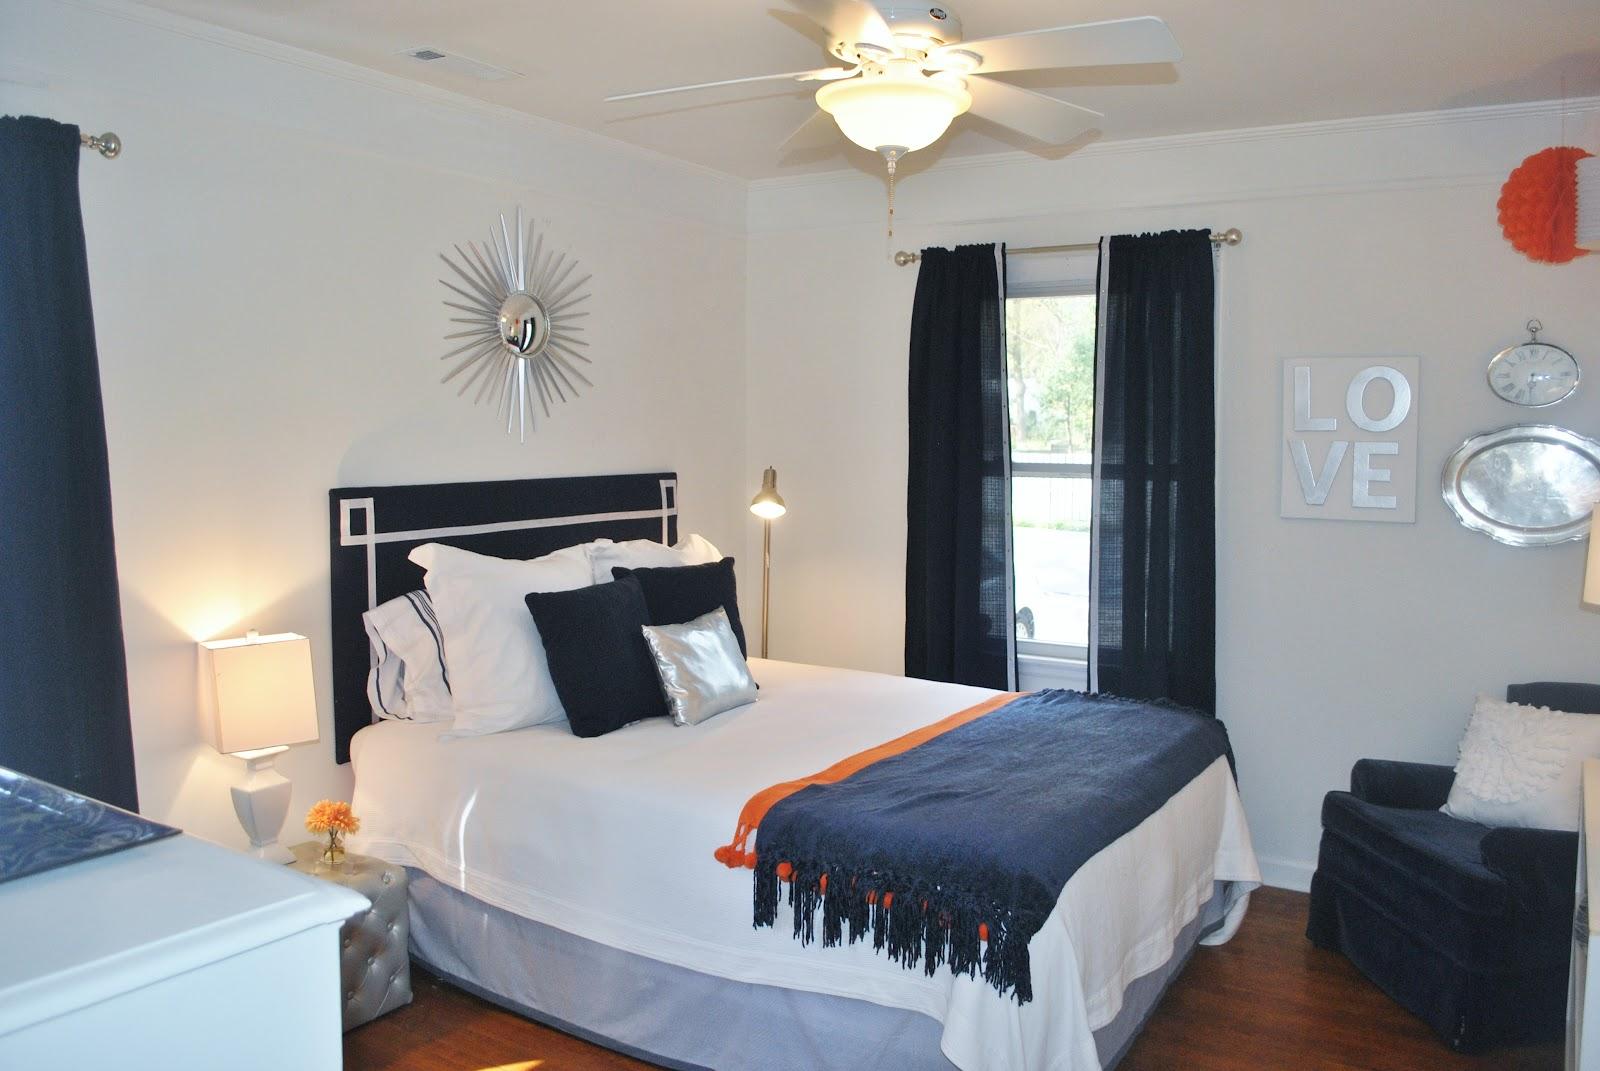 House Tour Orange Blue On Drake Home Stories A To Z